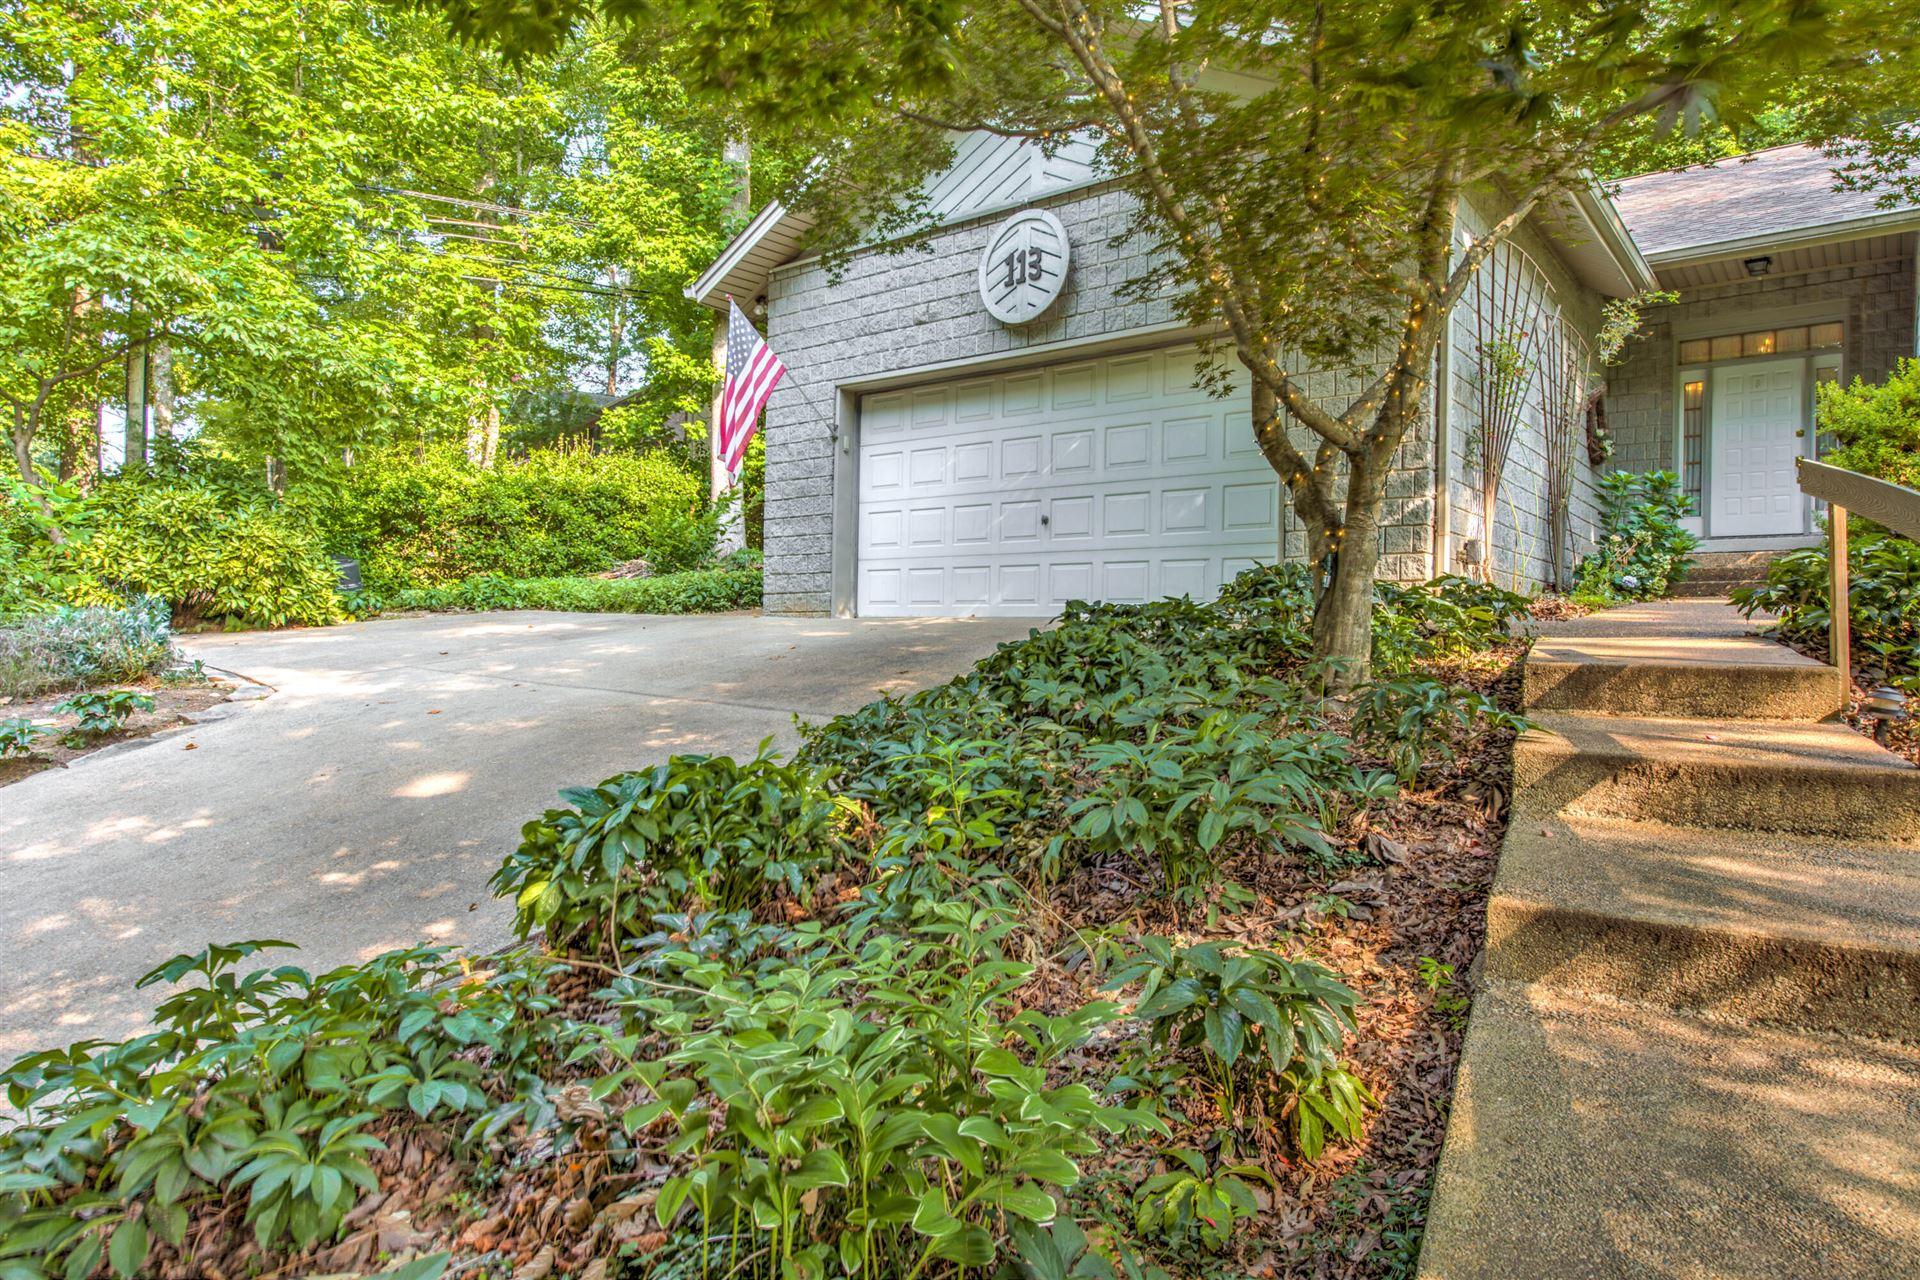 Photo of 113 Hendrix Drive, Oak Ridge, TN 37830 (MLS # 1161253)